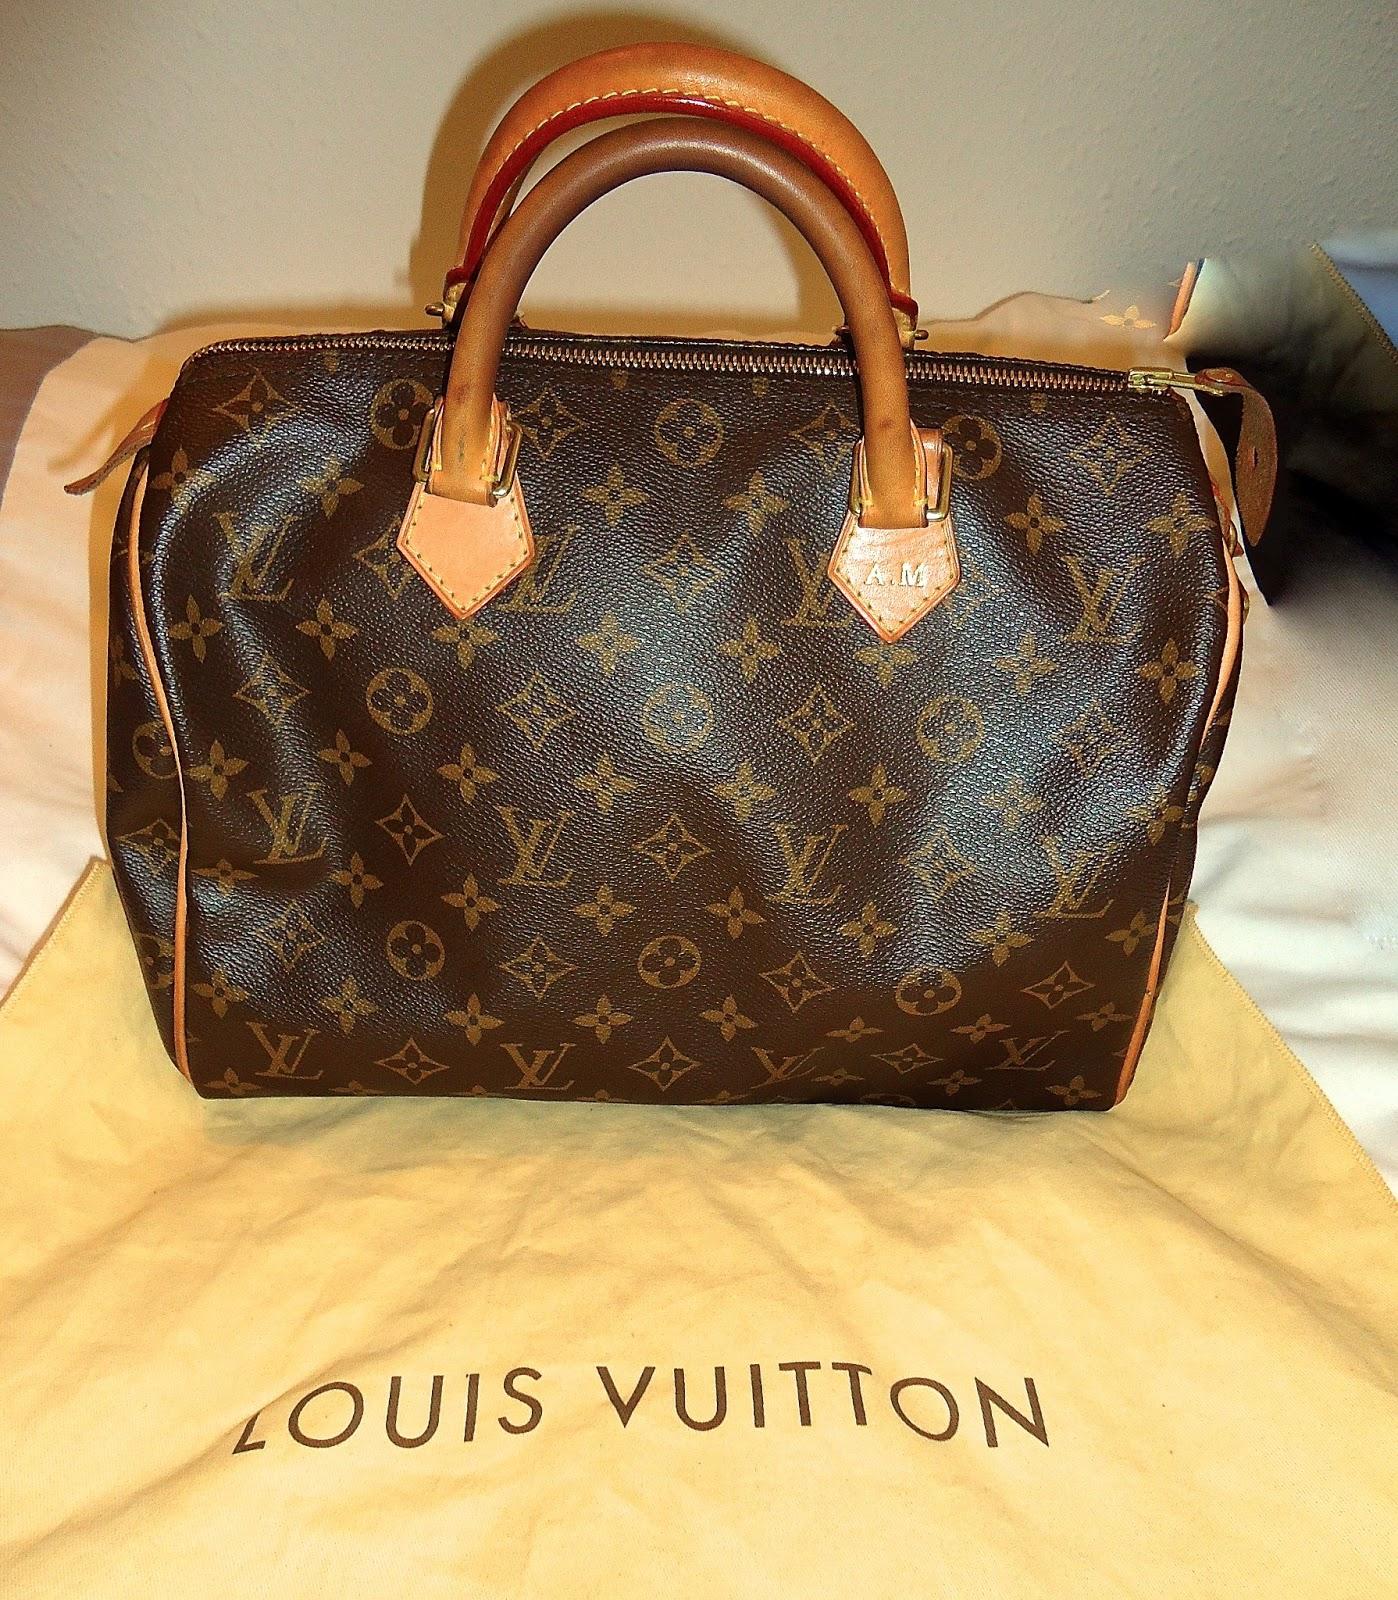 Bolso Louis Vuitton Speedy 30 Precio